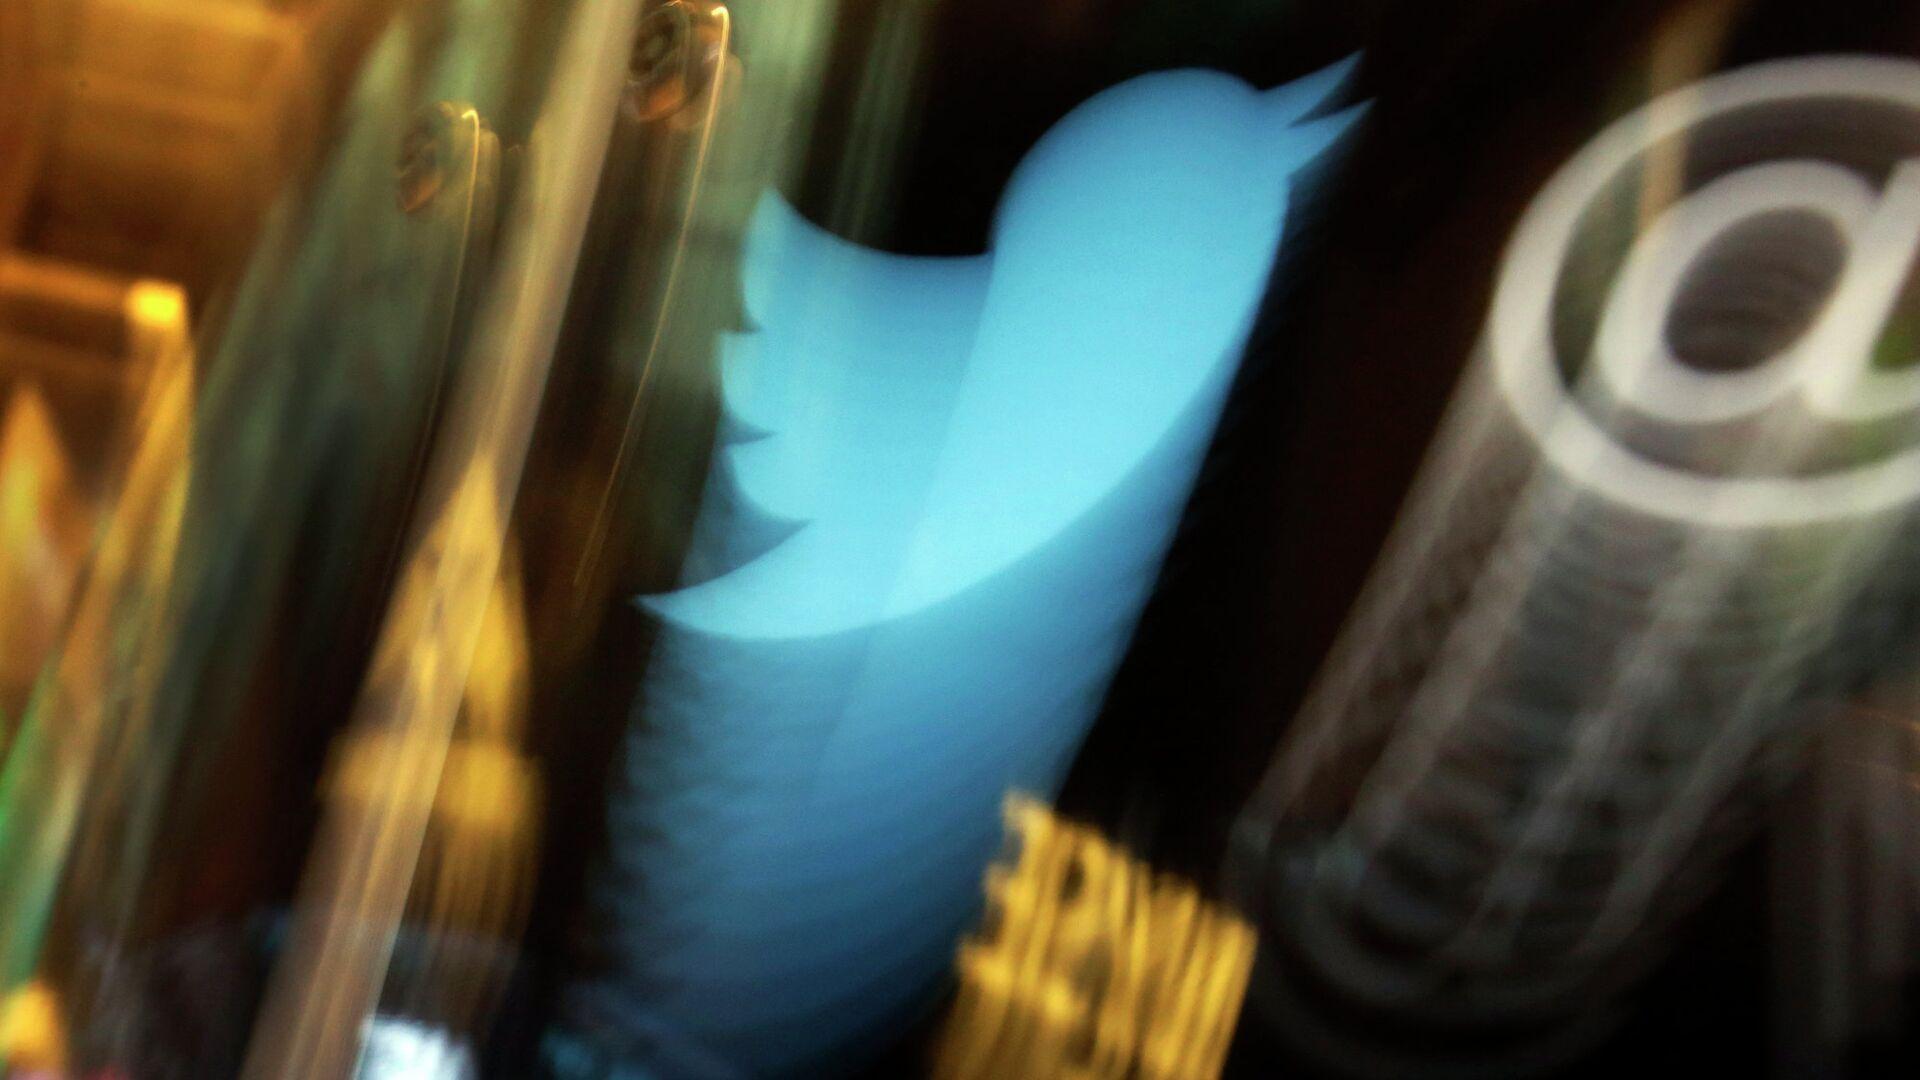 Социальная сеть Twitter - РИА Новости, 1920, 09.01.2021